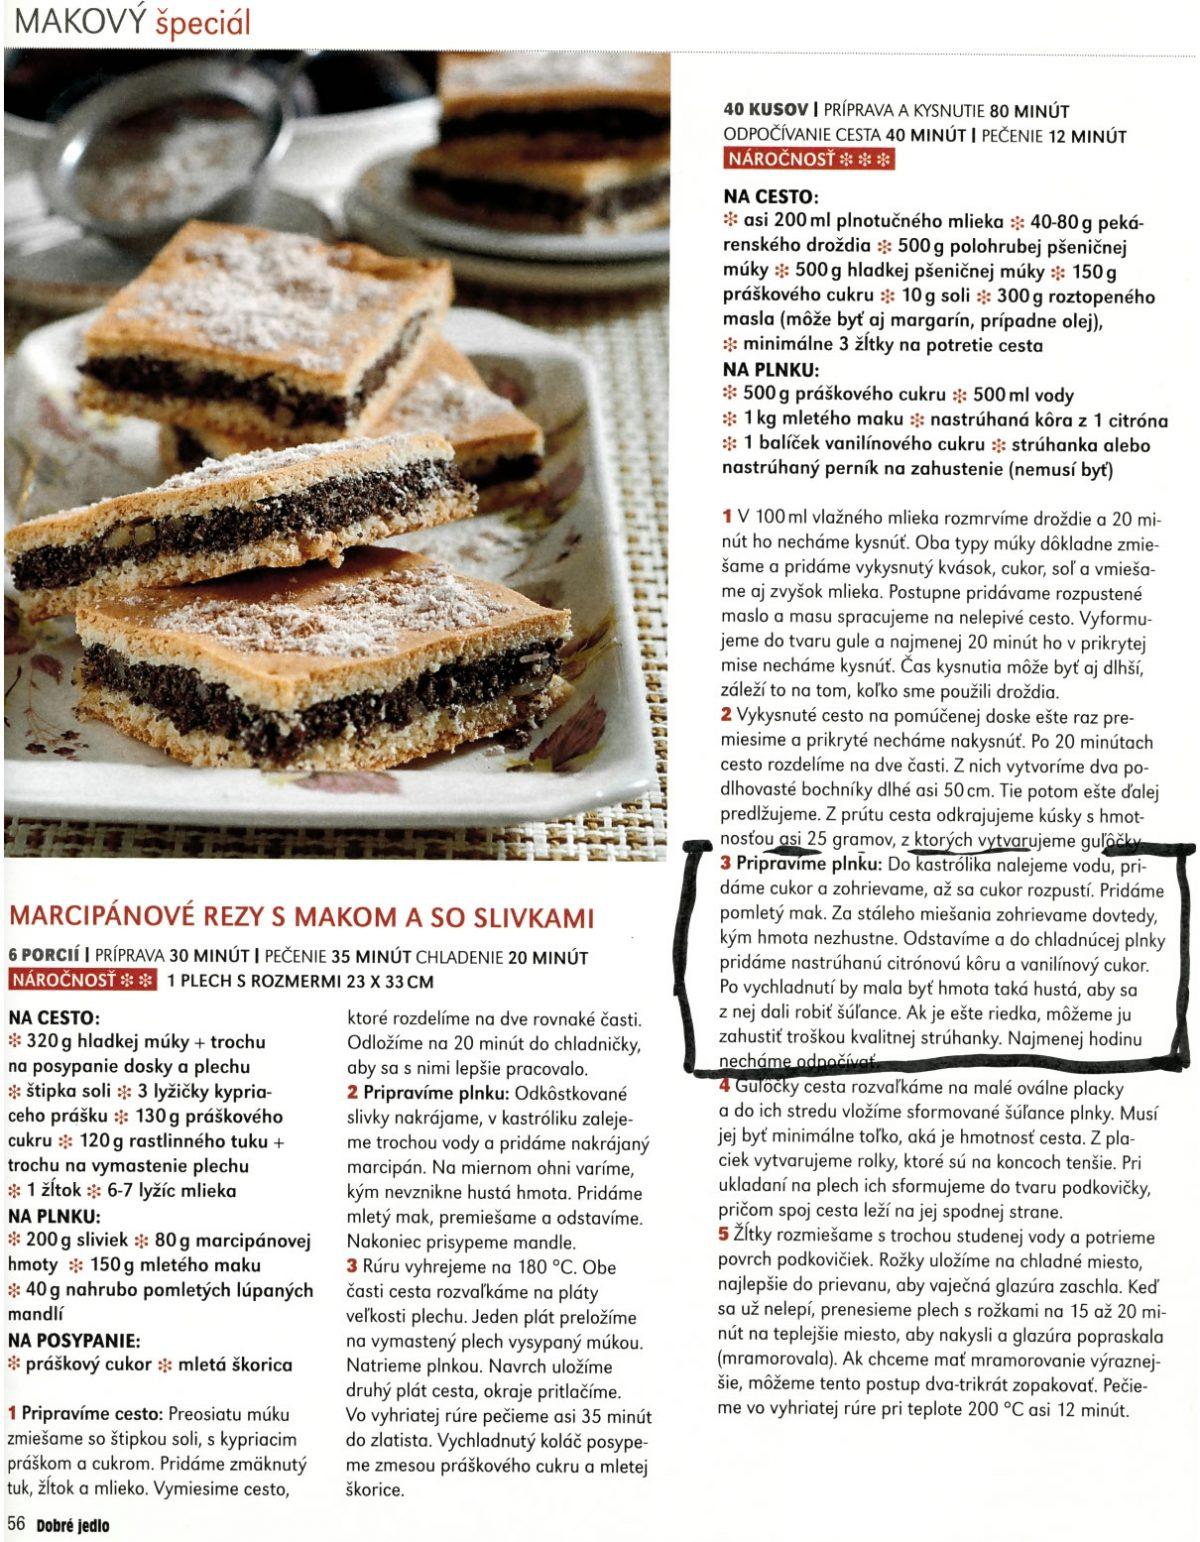 Mak z Jarnej - Gabriela Čechovičová - Dobré jedlo, vydanie November 2014